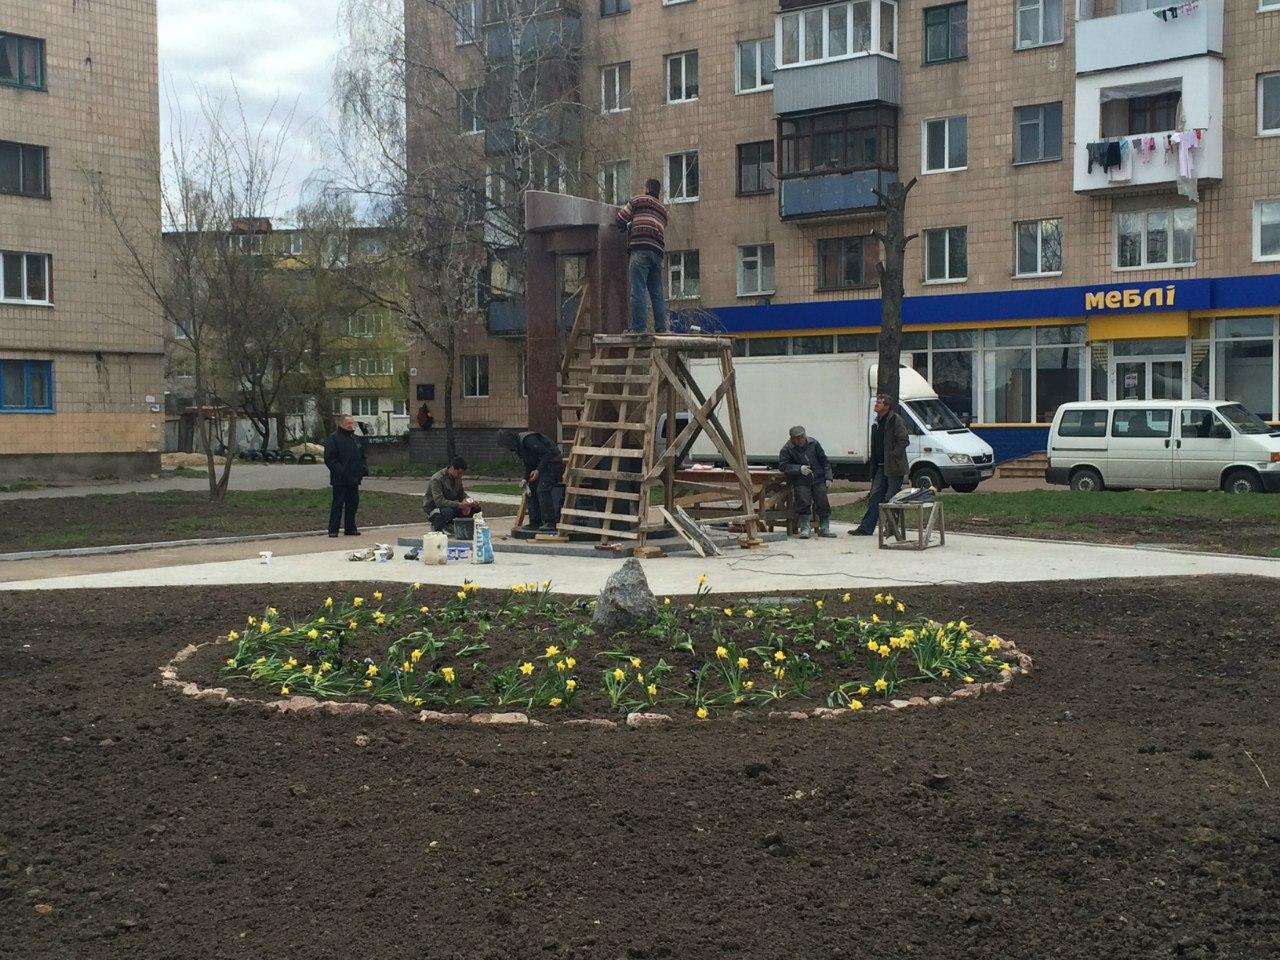 памятник чернобыль, памятник ликвидаторам АЭС, Бердичев, Нехворовский, памятник ЧАЕС, чорнобиль